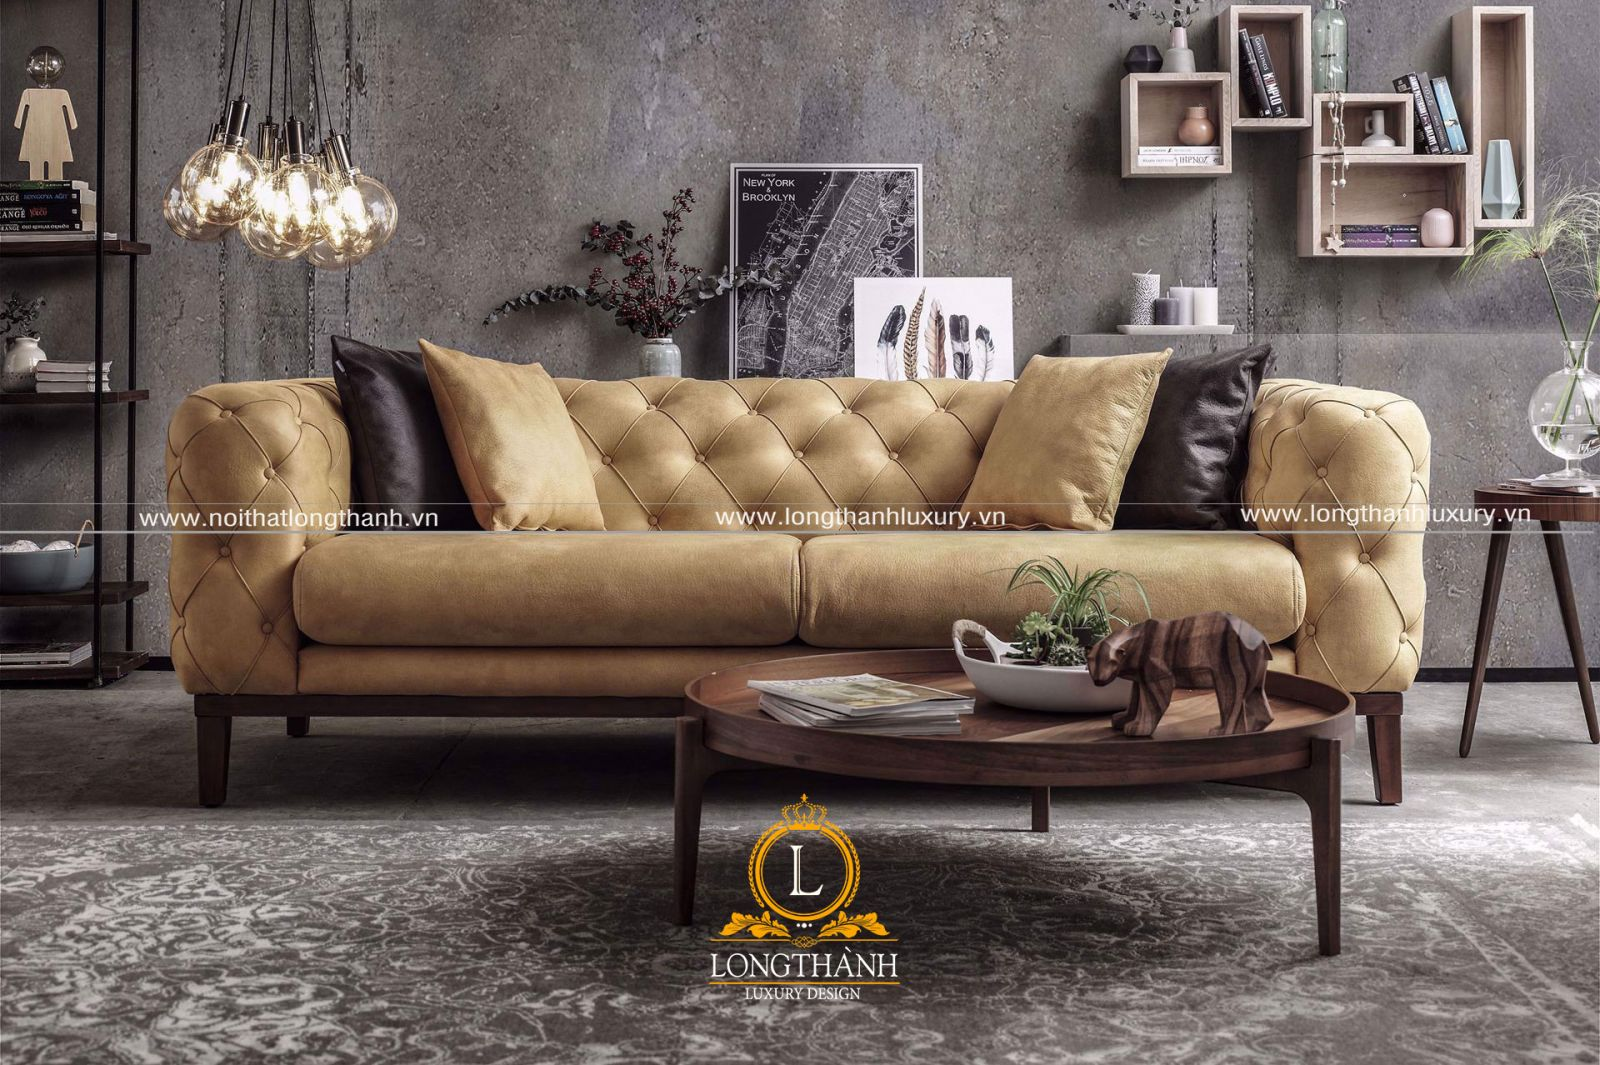 Sofa văng tân cổ điển bọc nỉ sang trọng